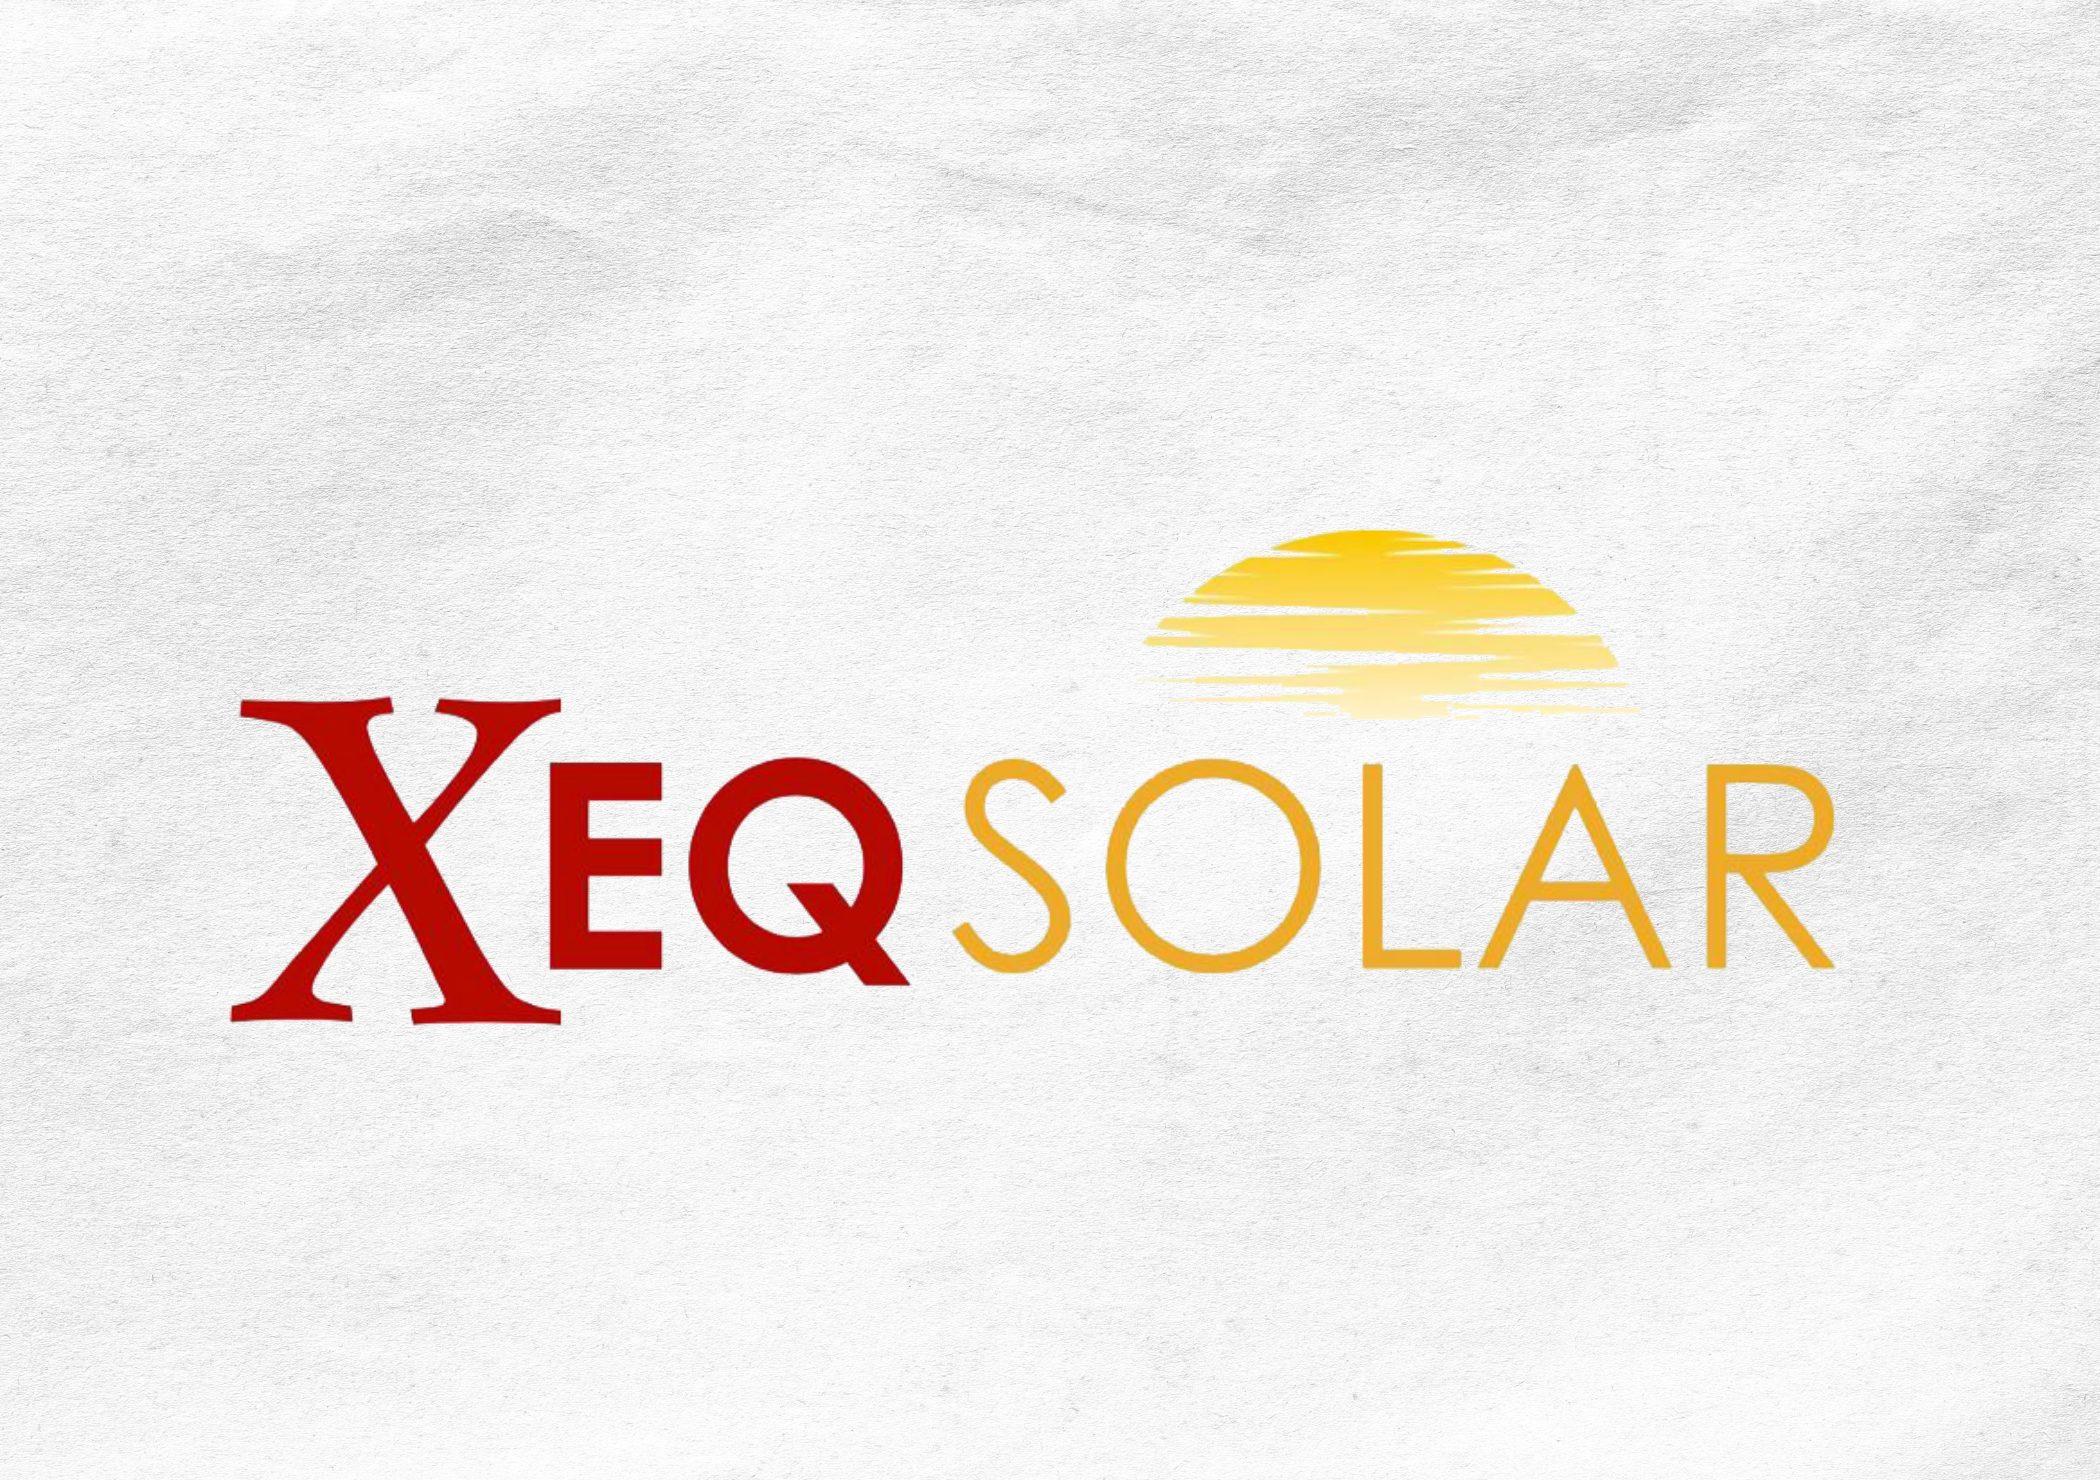 xeq solar